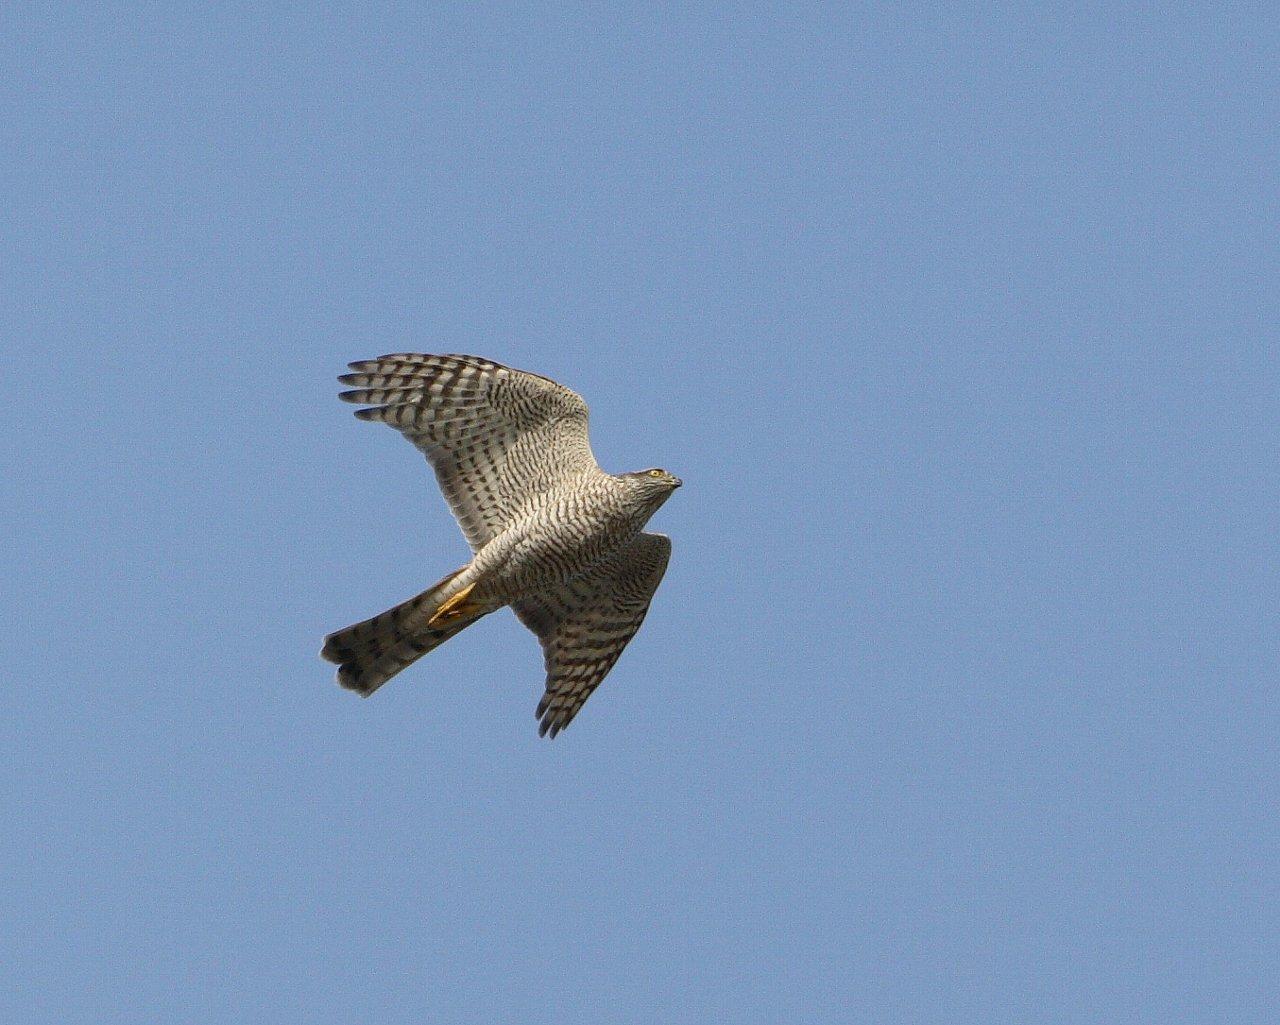 伊良湖で逢えそうな猛禽達_f0105570_2281748.jpg